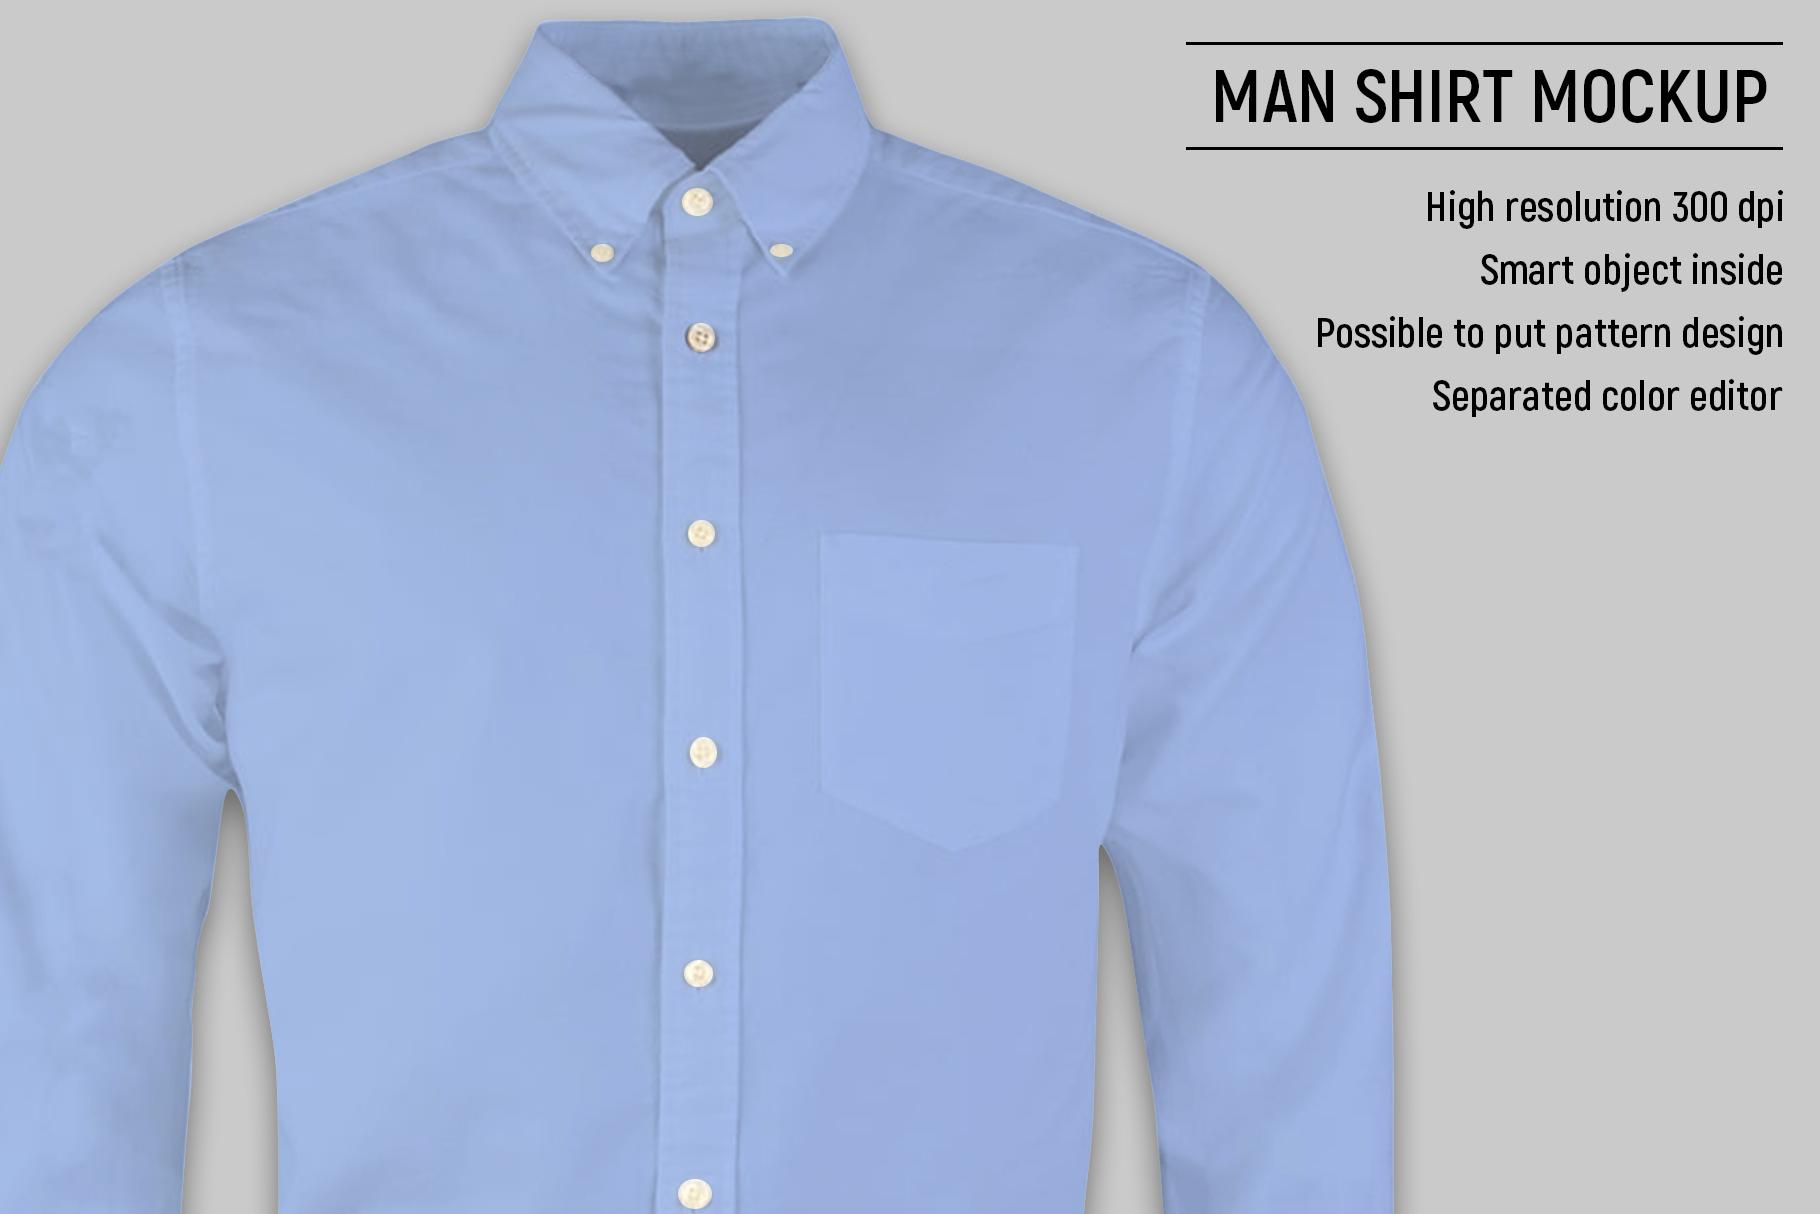 Man shirt mockup example image 3